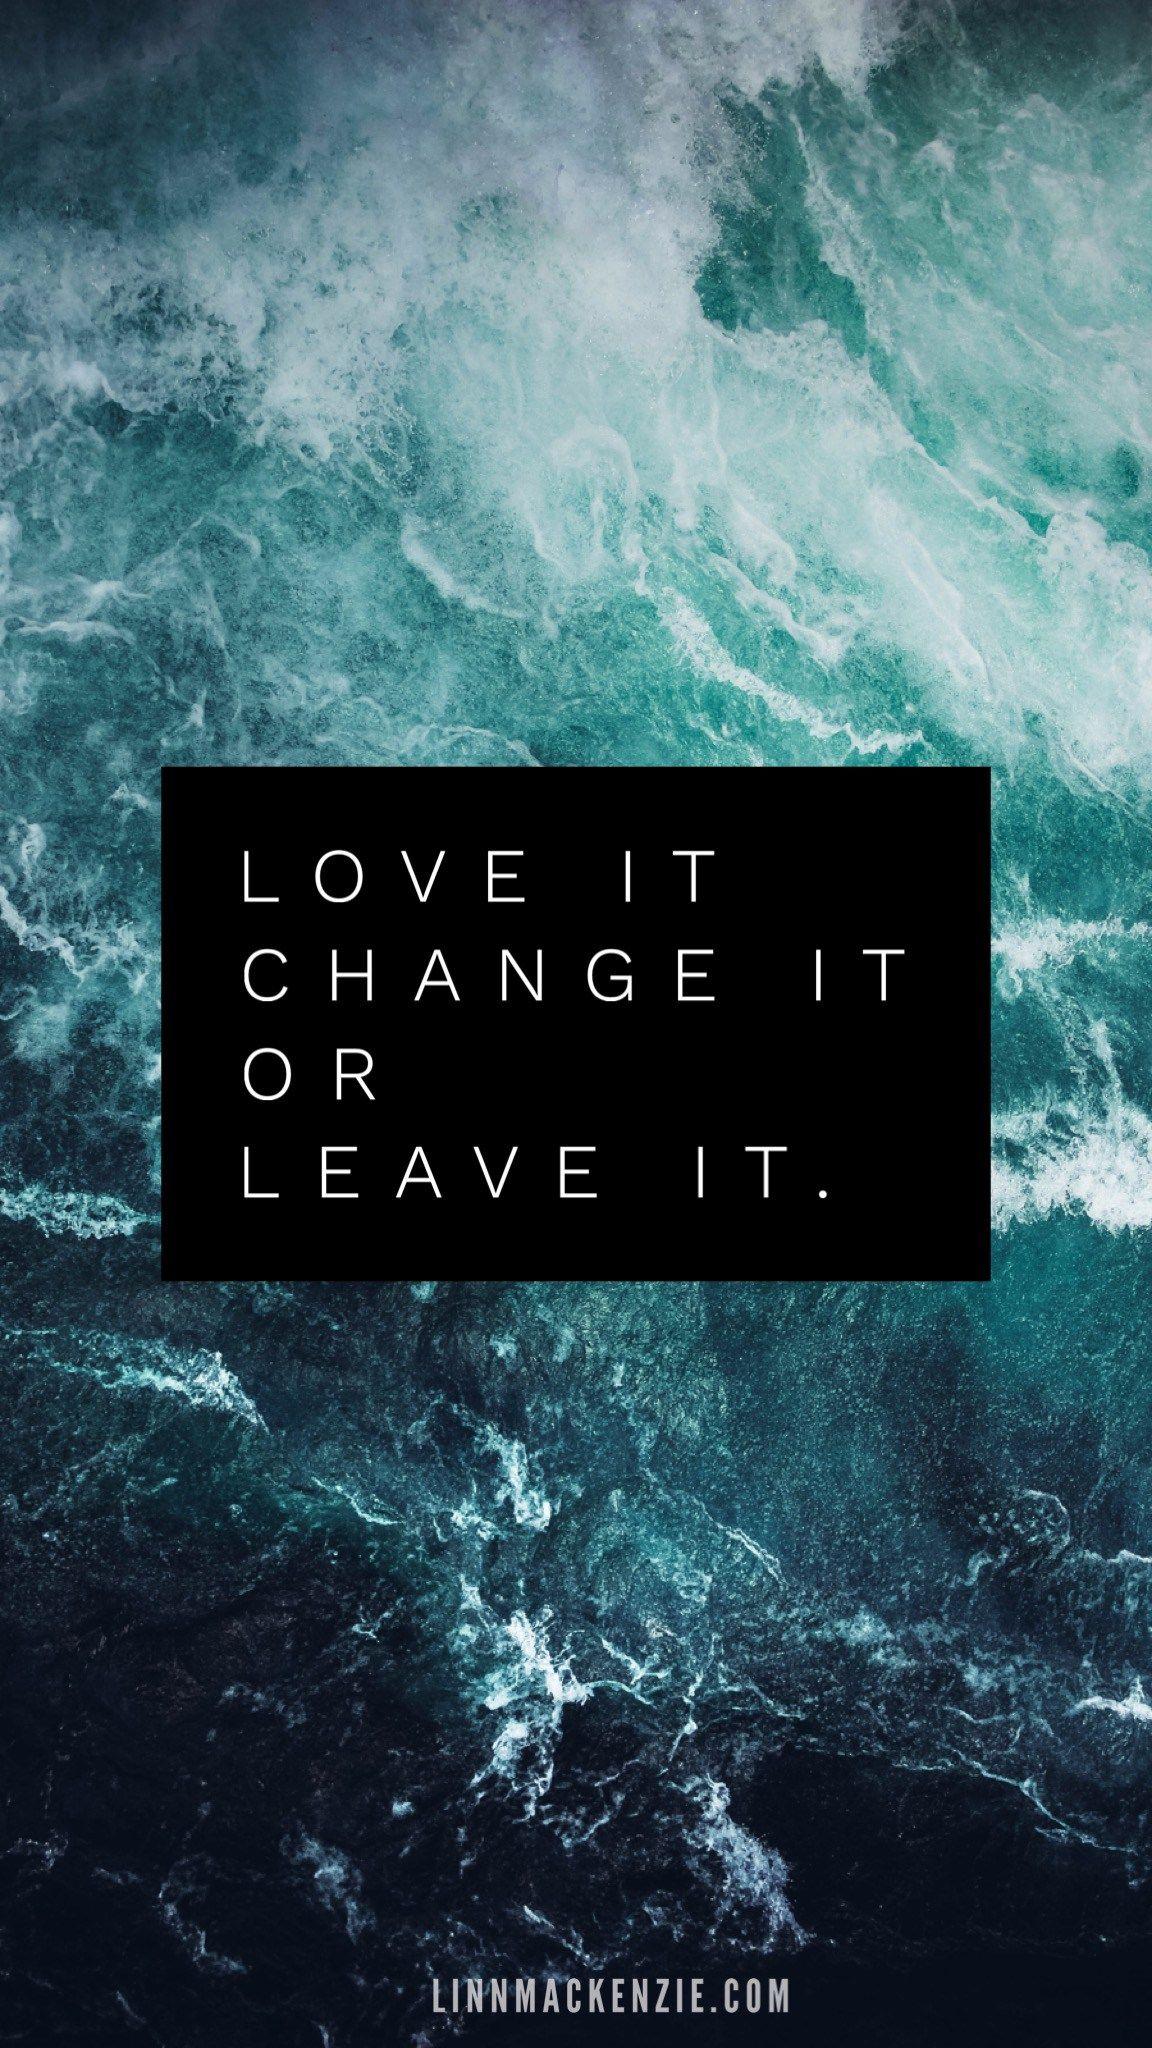 11 Zitate, die mein Leben verändert haben   Inspirierende ...